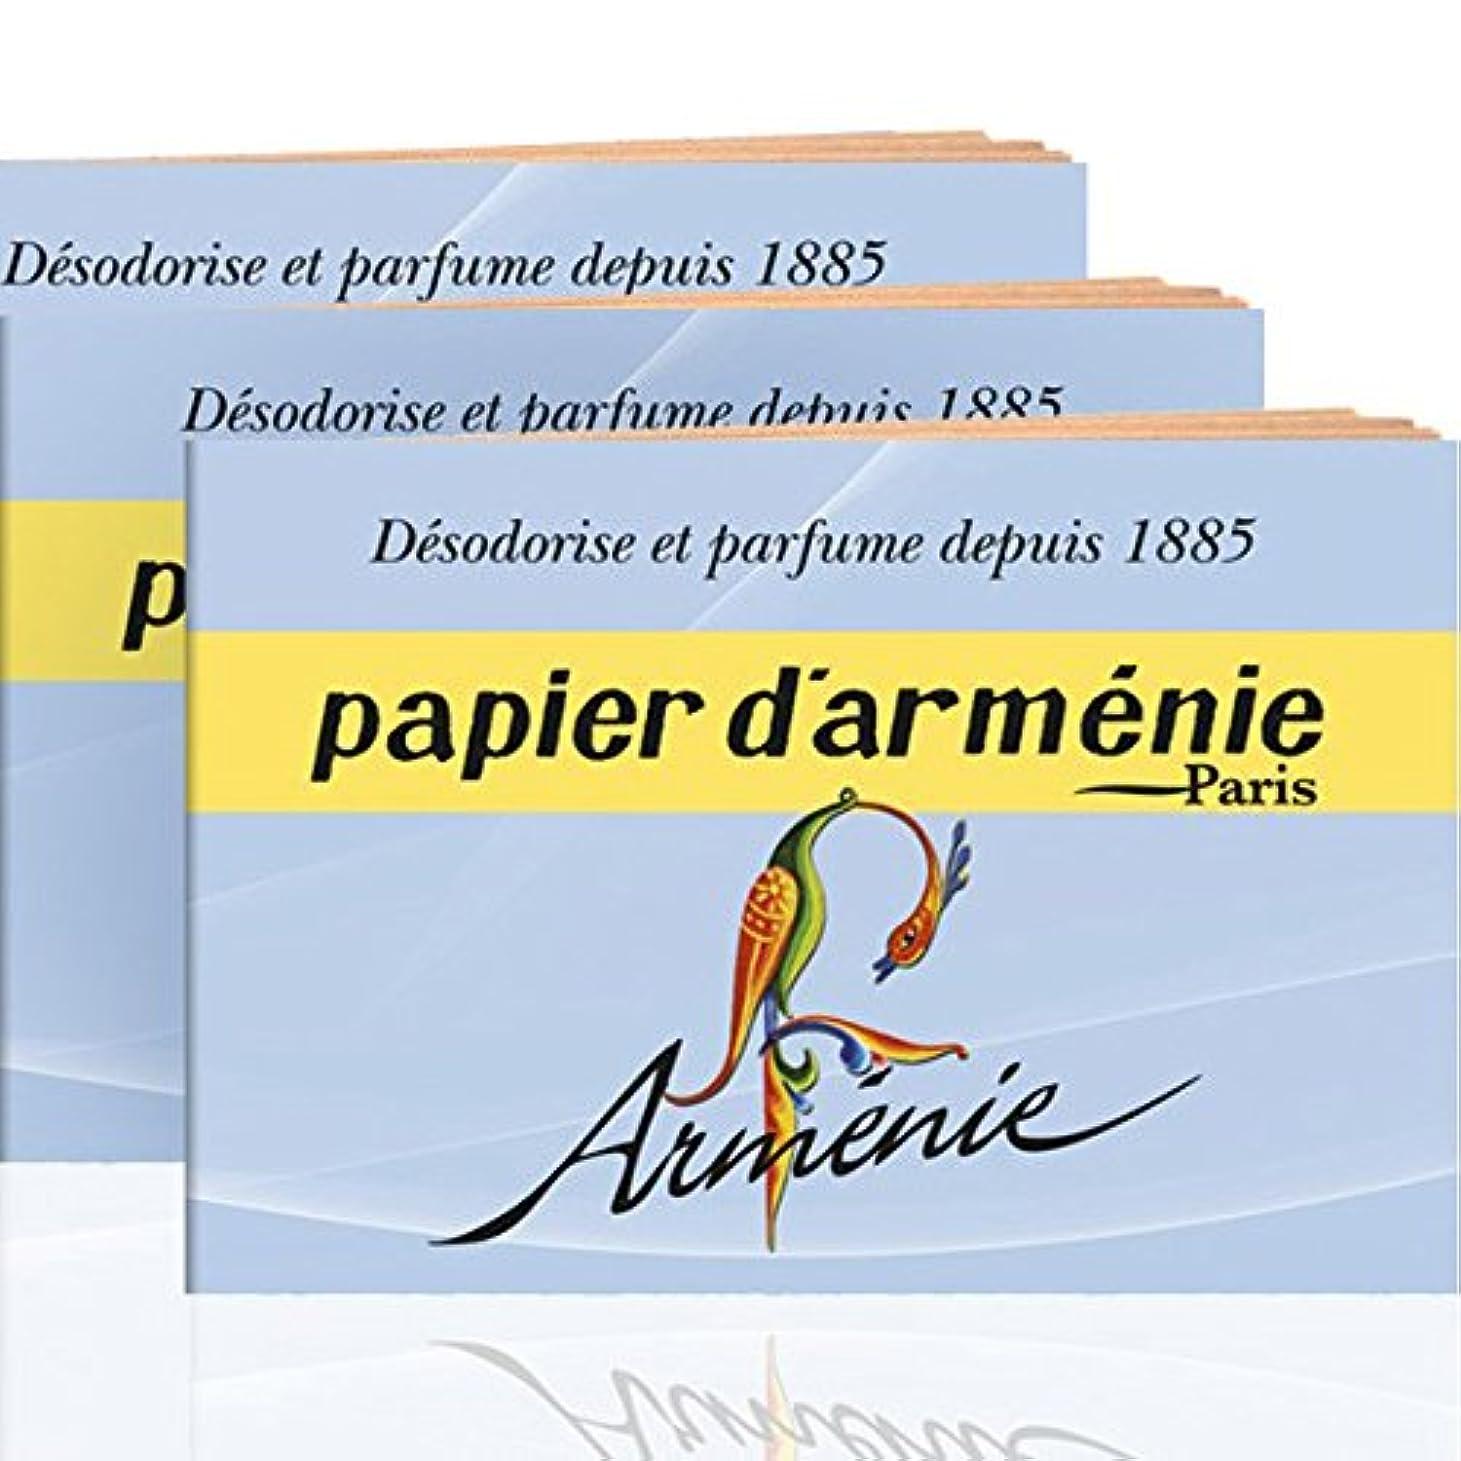 眠り提供されたトランスペアレントAnnee Armenie Burning?ペーパー3 x 12シートby Papier D 'armenie